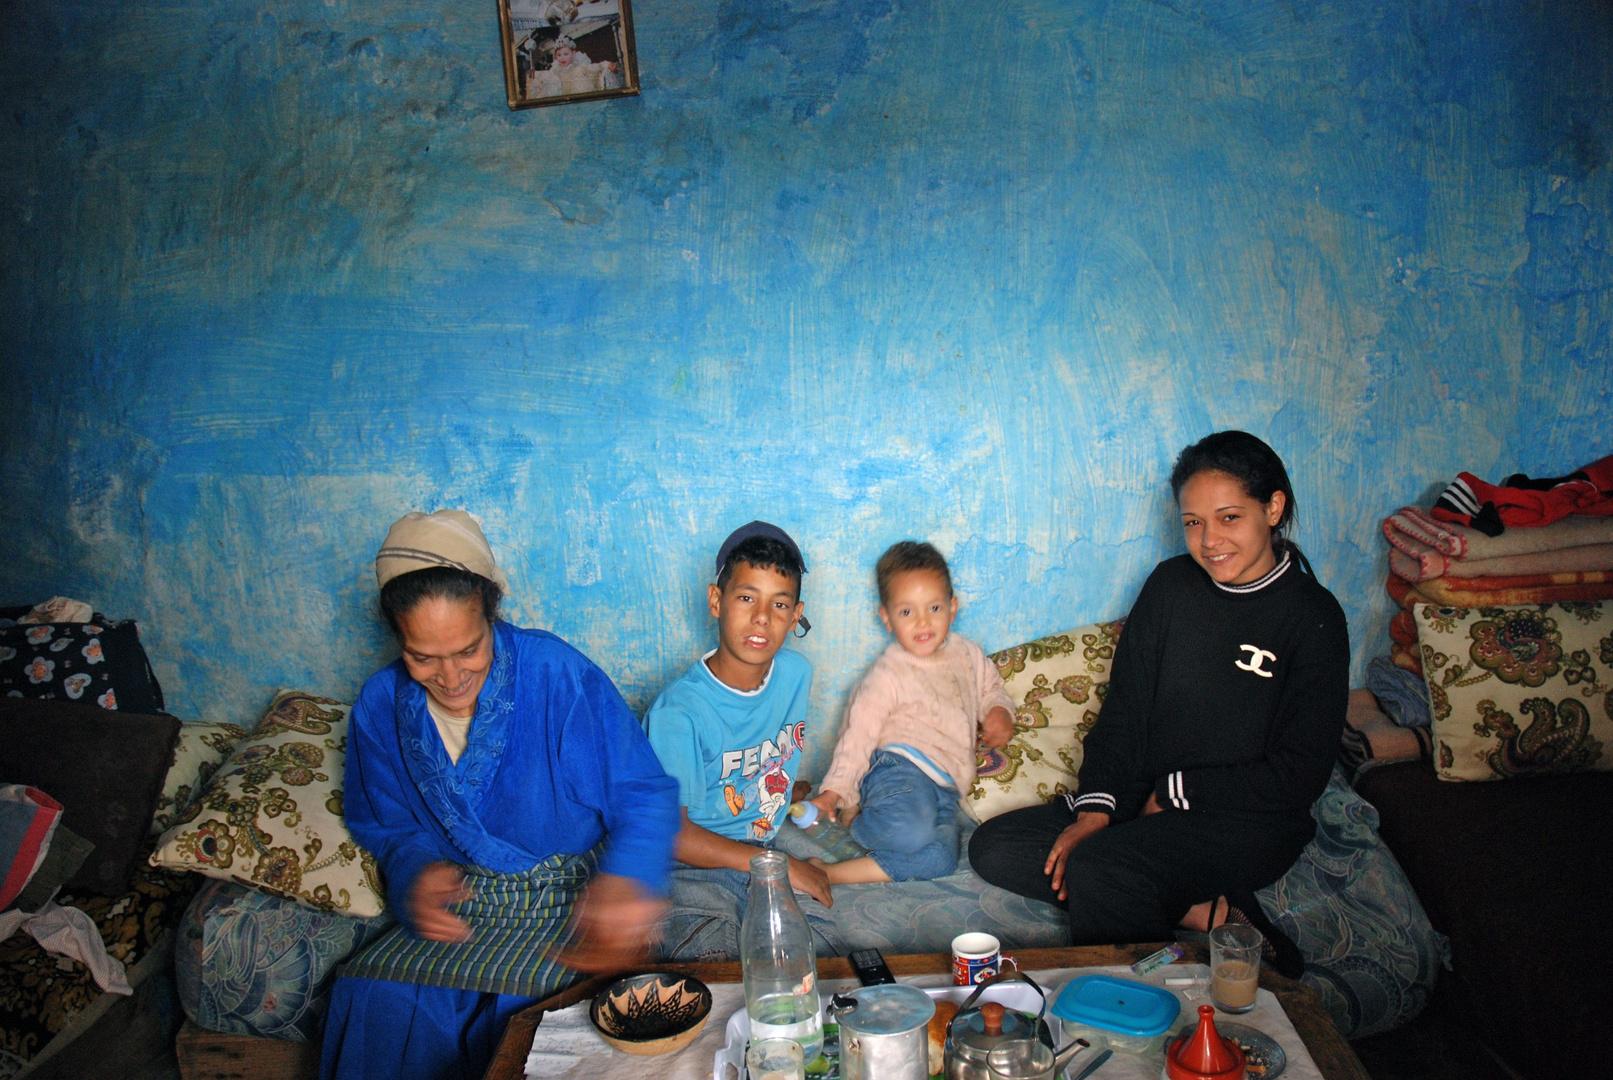 Famille d'accueil dans le vieux quartier juif de Fez